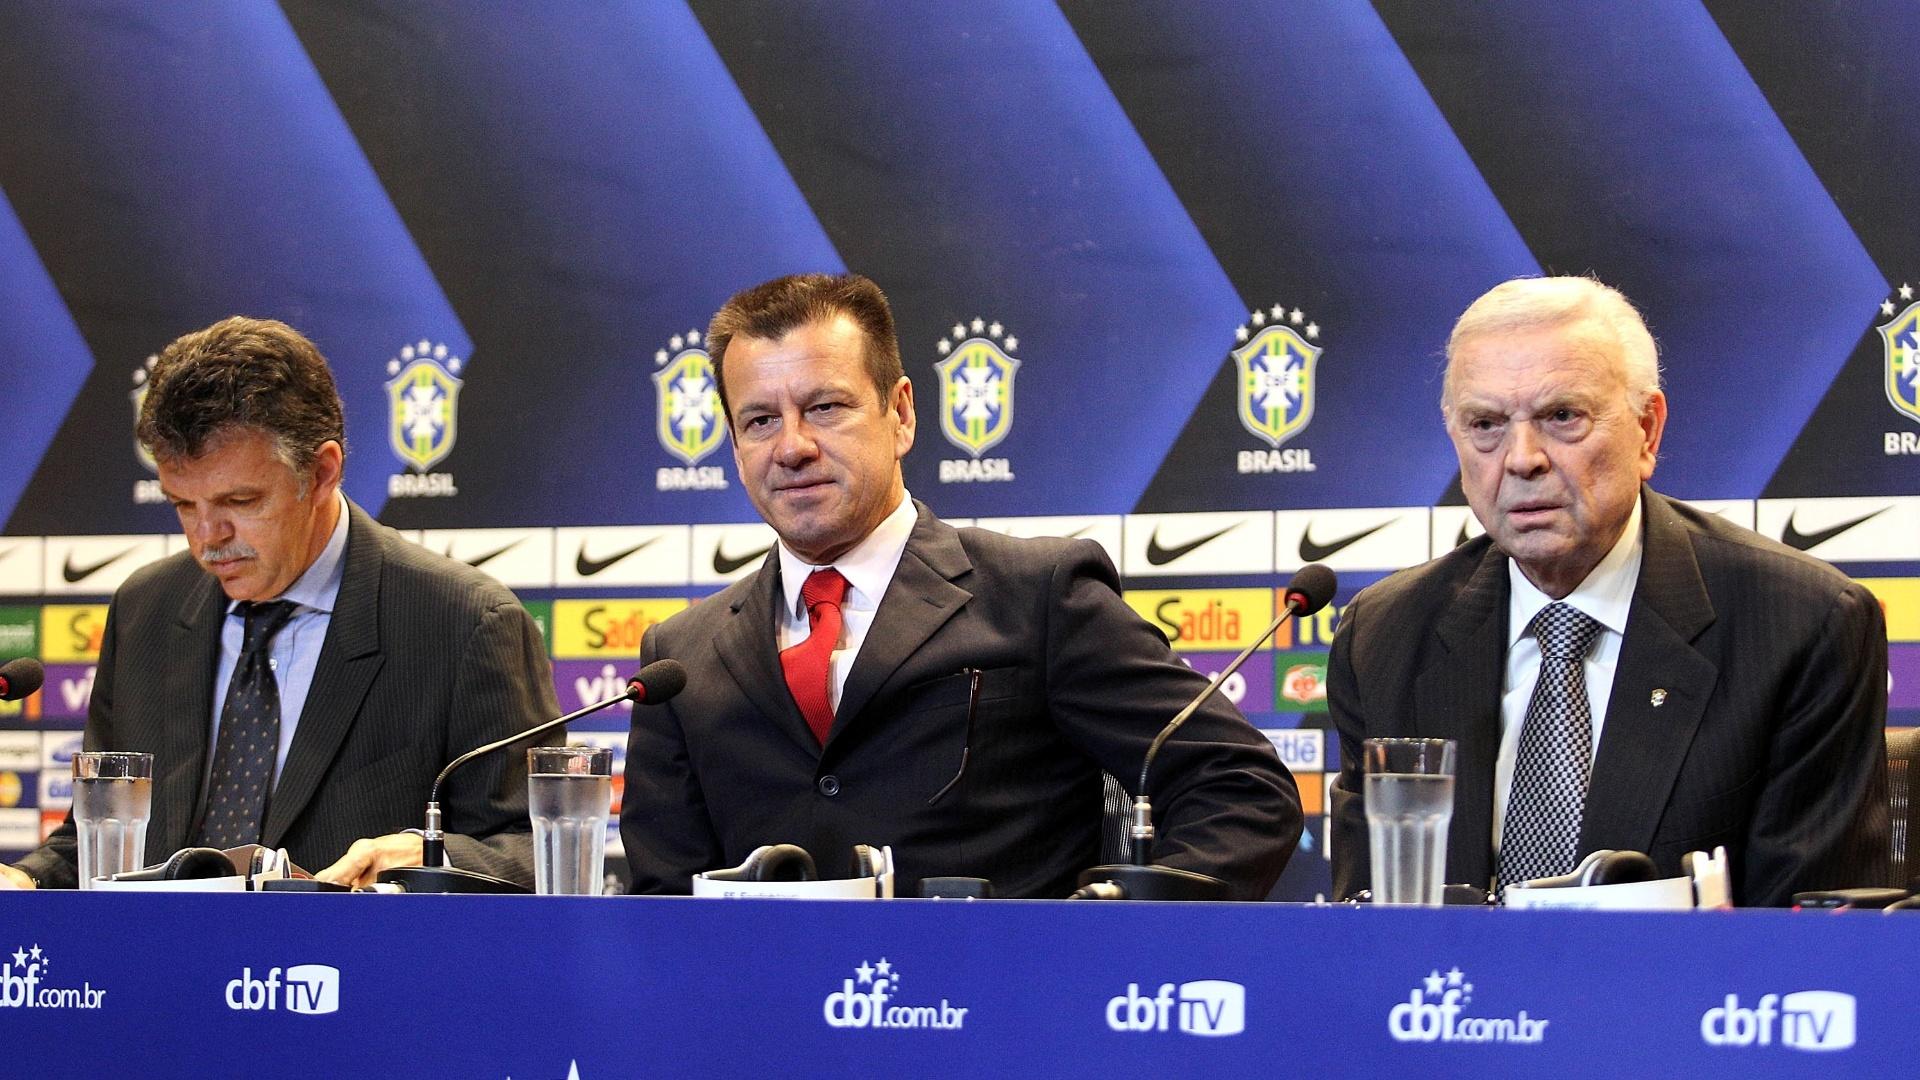 Gilmar Rinaldi, coordenador geral da CBF, Dunga, técnico da seleção, e José Maria Marin, presidente da CBF